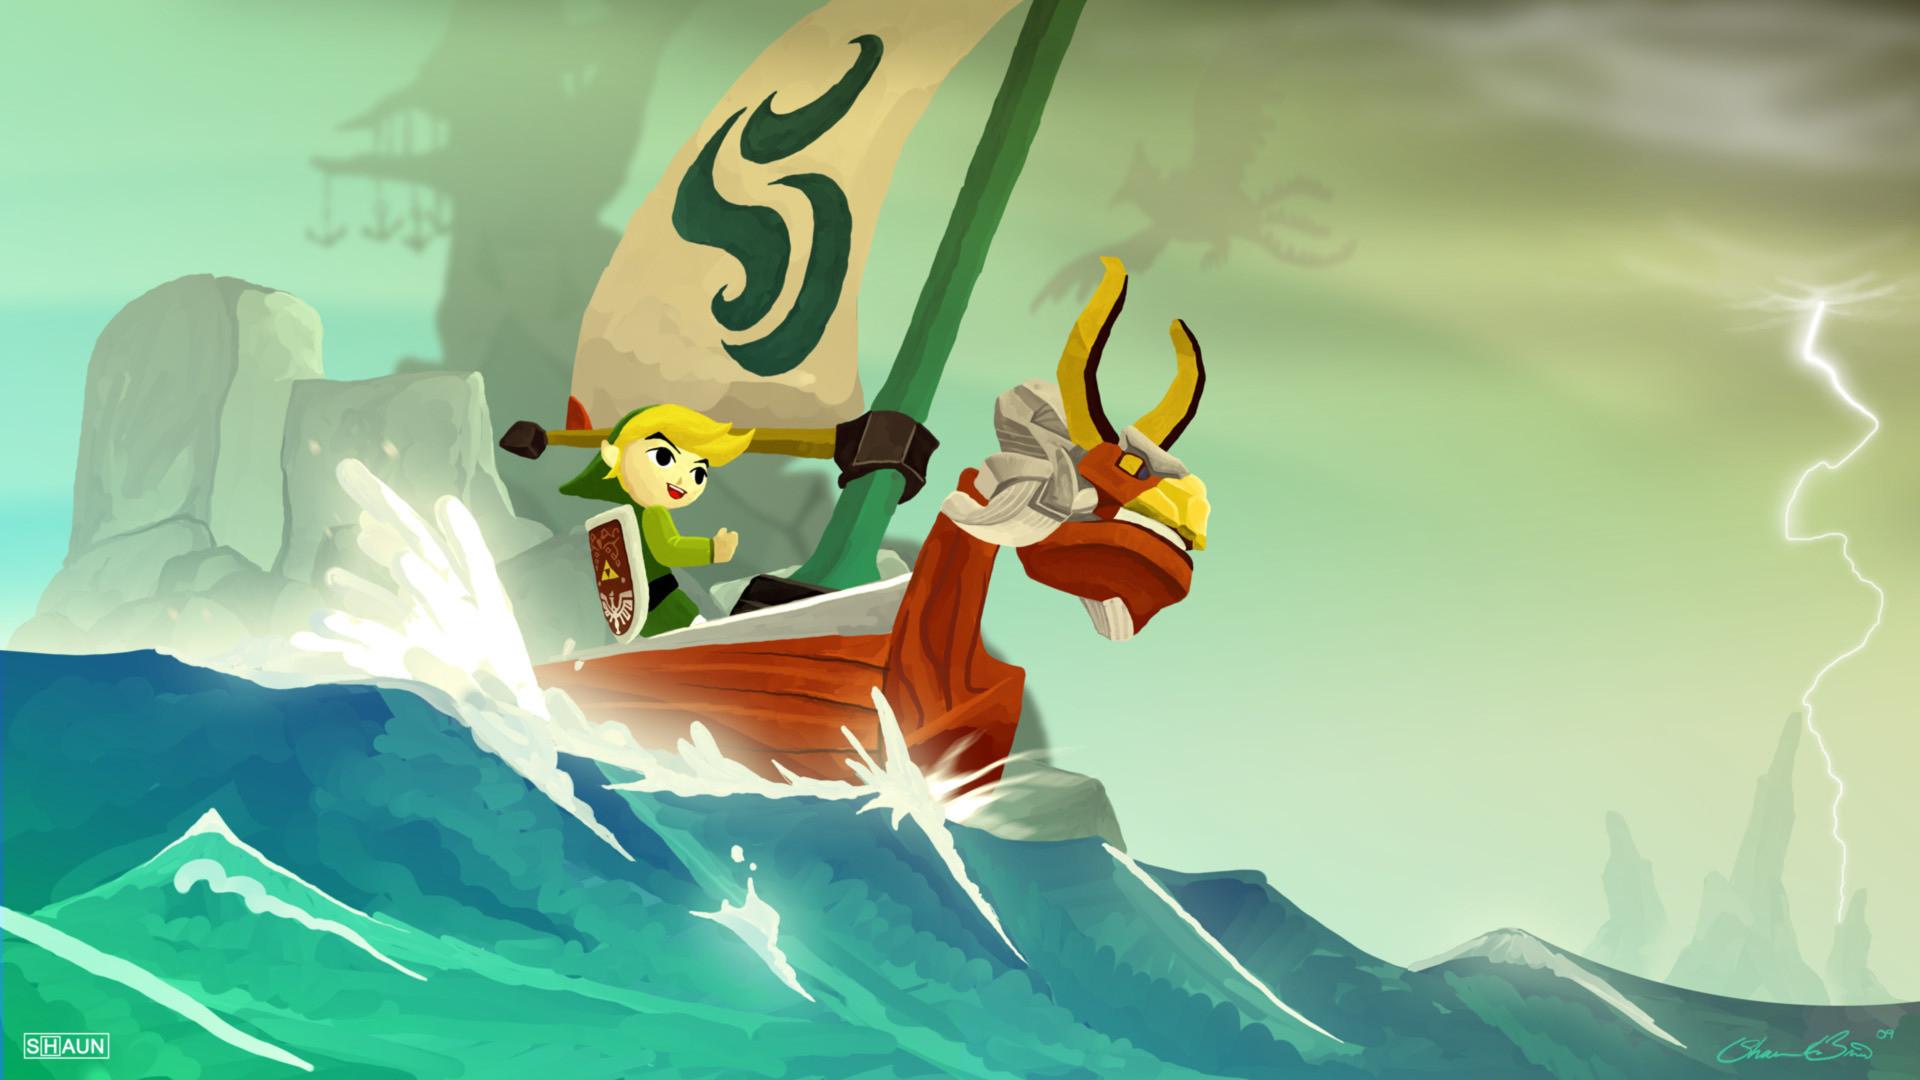 Zelda Wind Waker Hd Wallpaper 89 Images